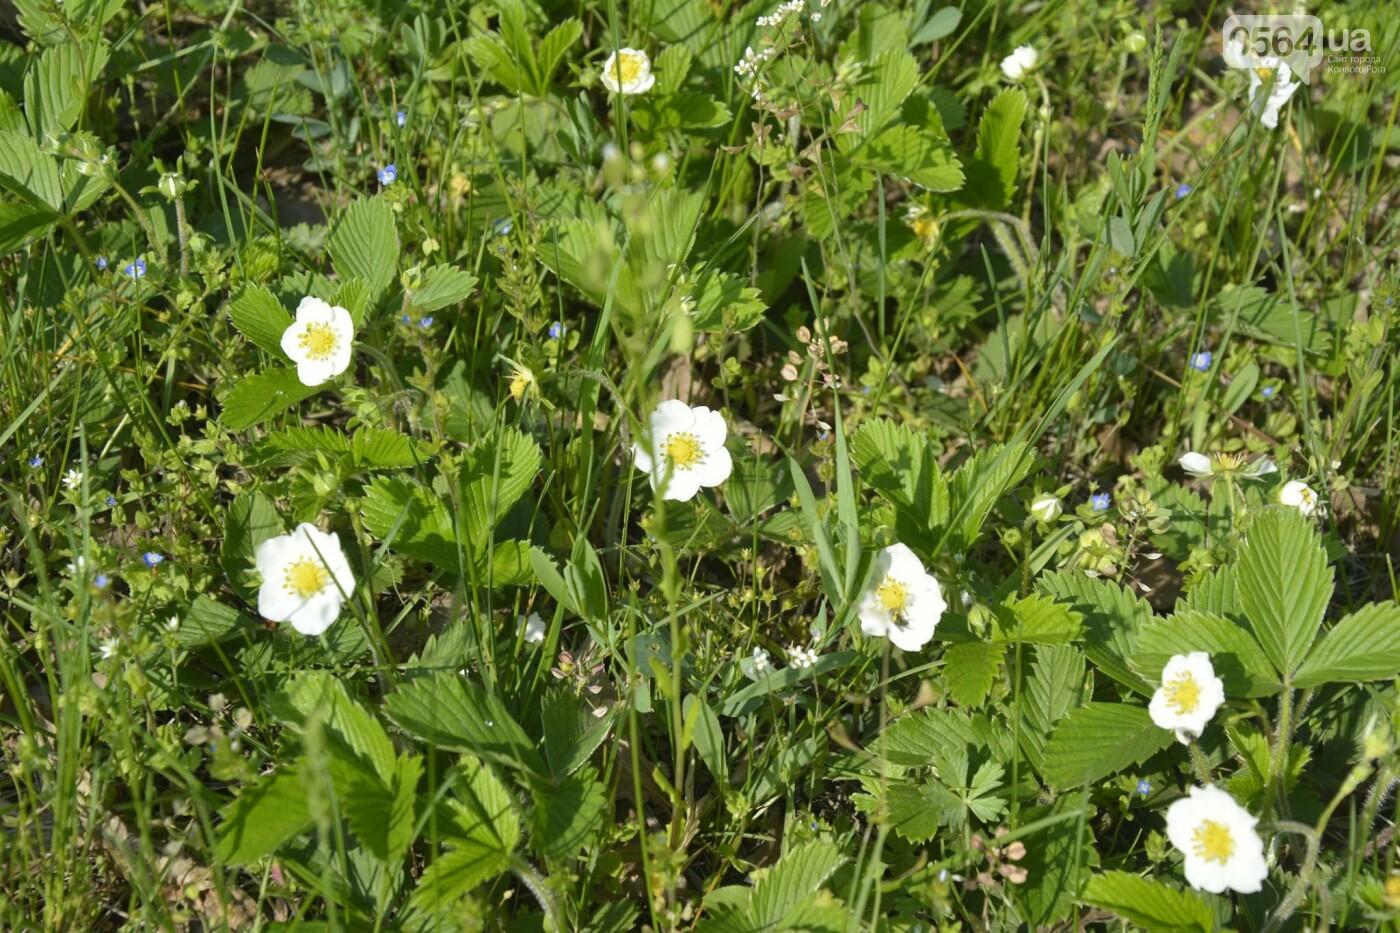 """Коллекция сирени, тюльпан """"Черный кофе"""", барбарис, - как выглядит Криворожский ботанический сад сегодня, - ФОТО, фото-27"""